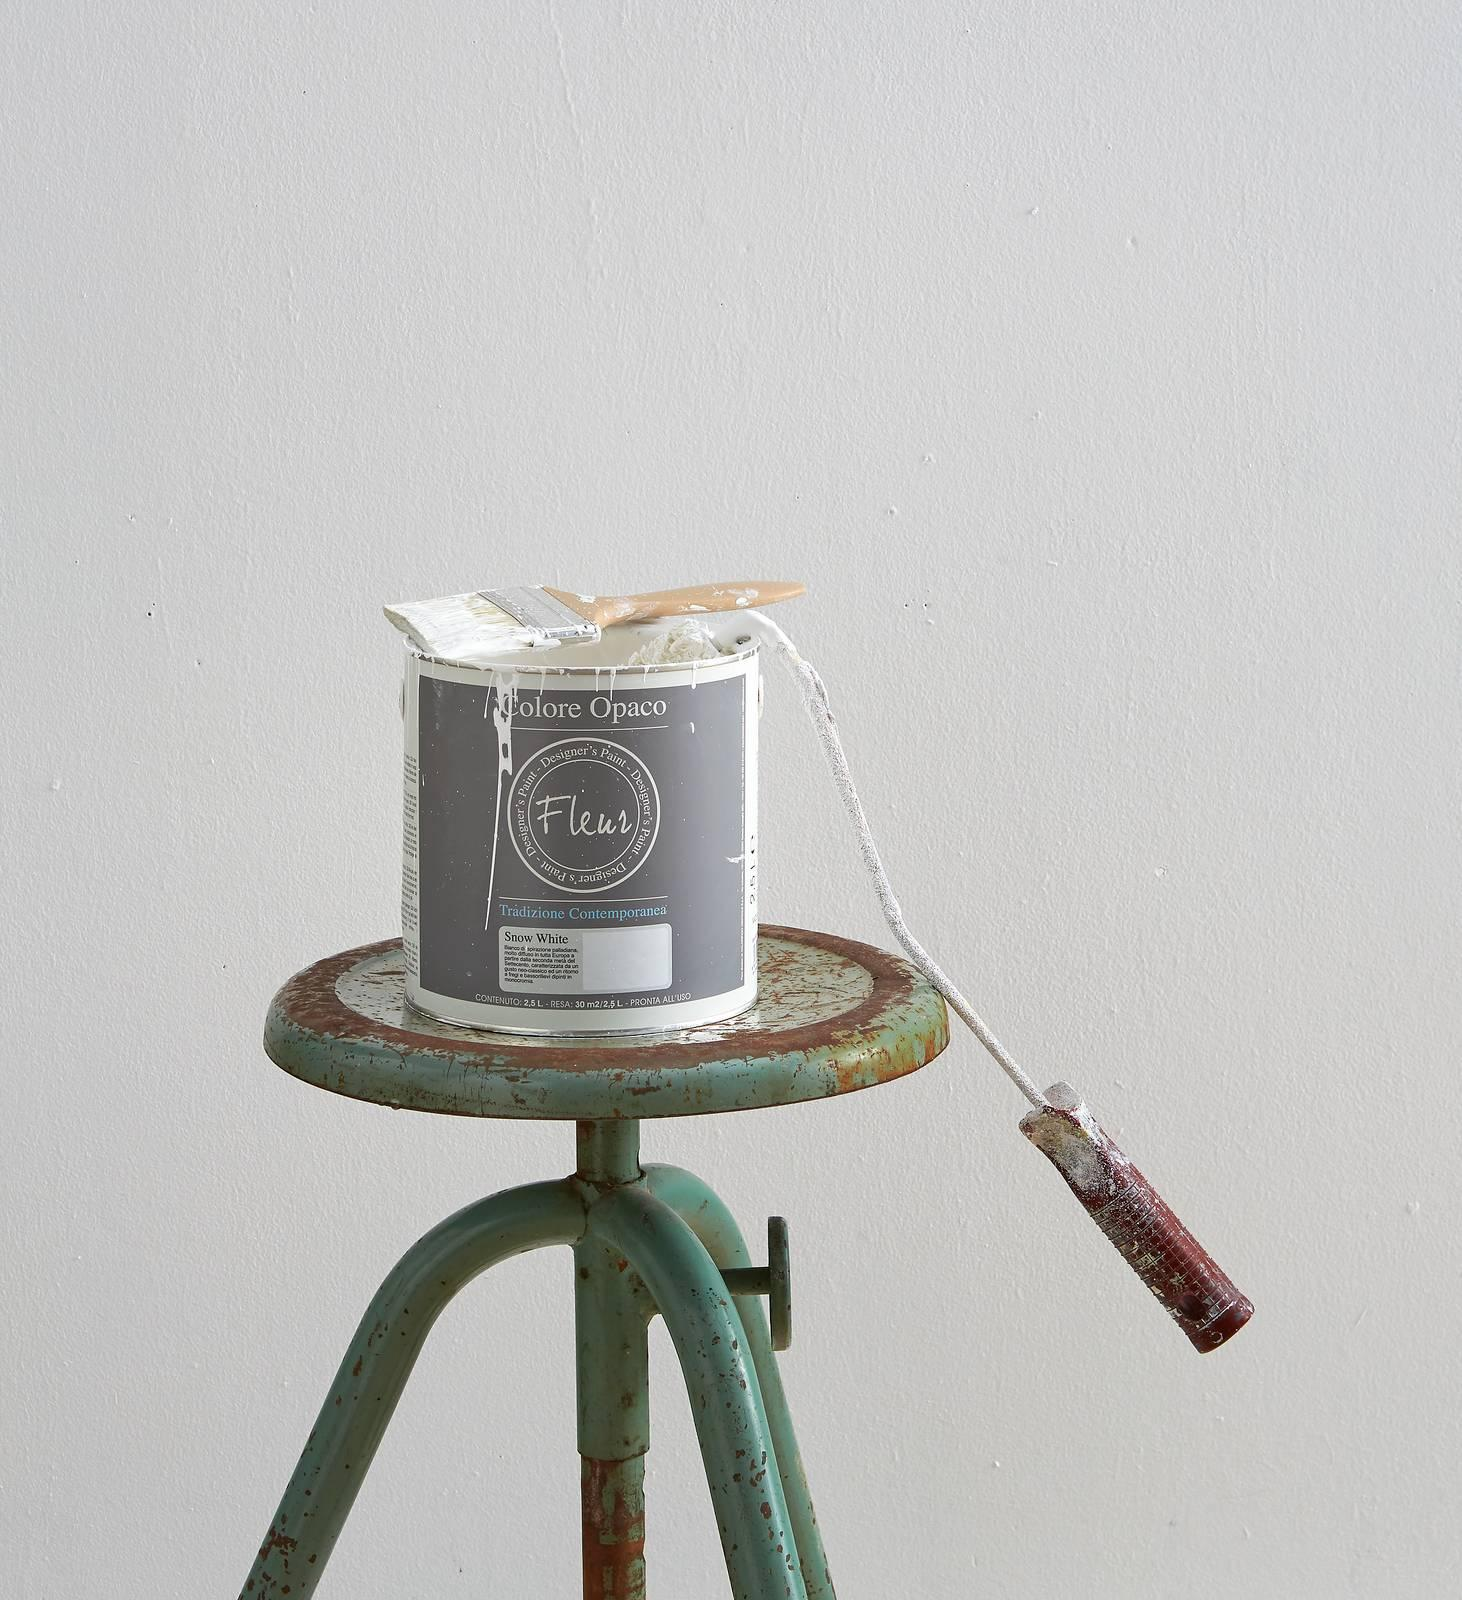 Prima Di Pitturare Una Parete tinteggiare parete per differenziare una zona della stanza